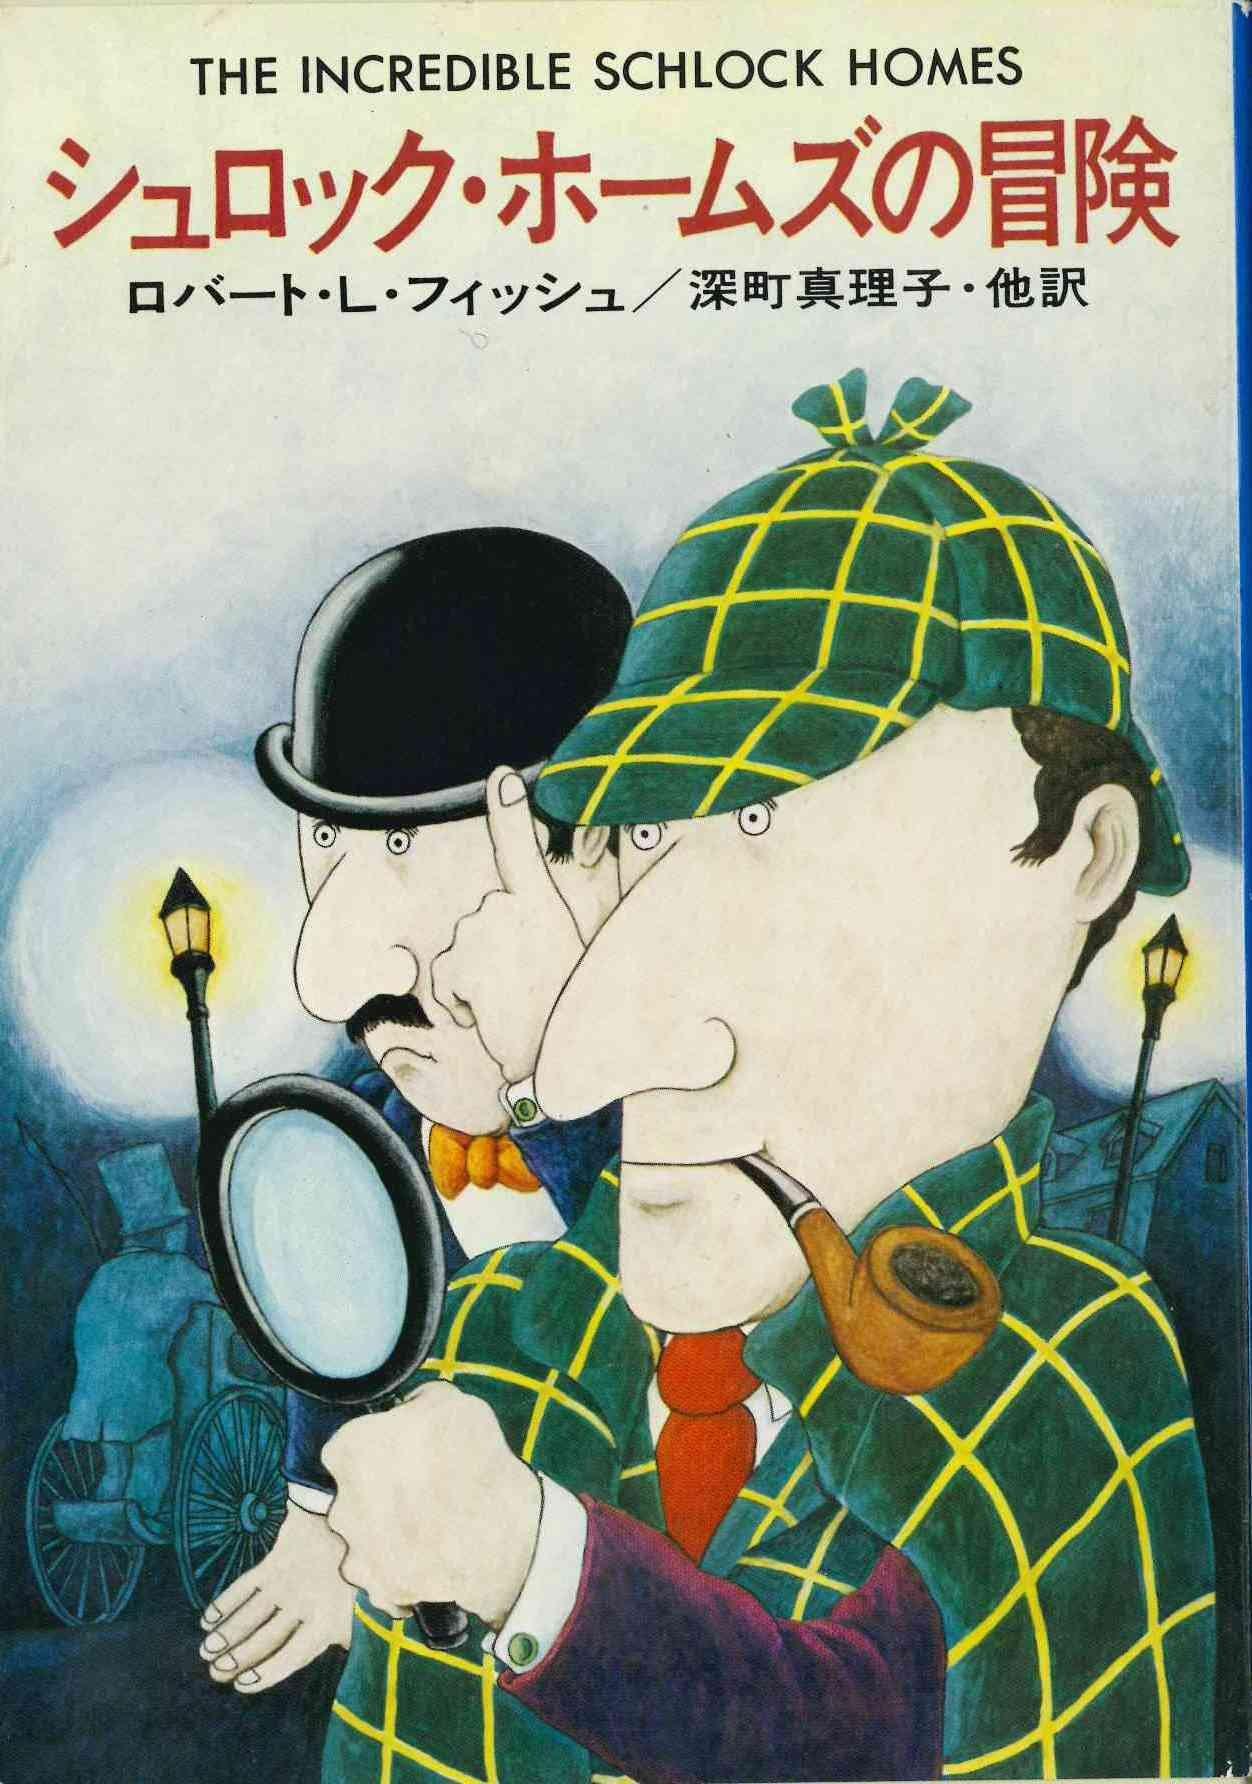 シュロック・ホームズの冒険 (ハ...